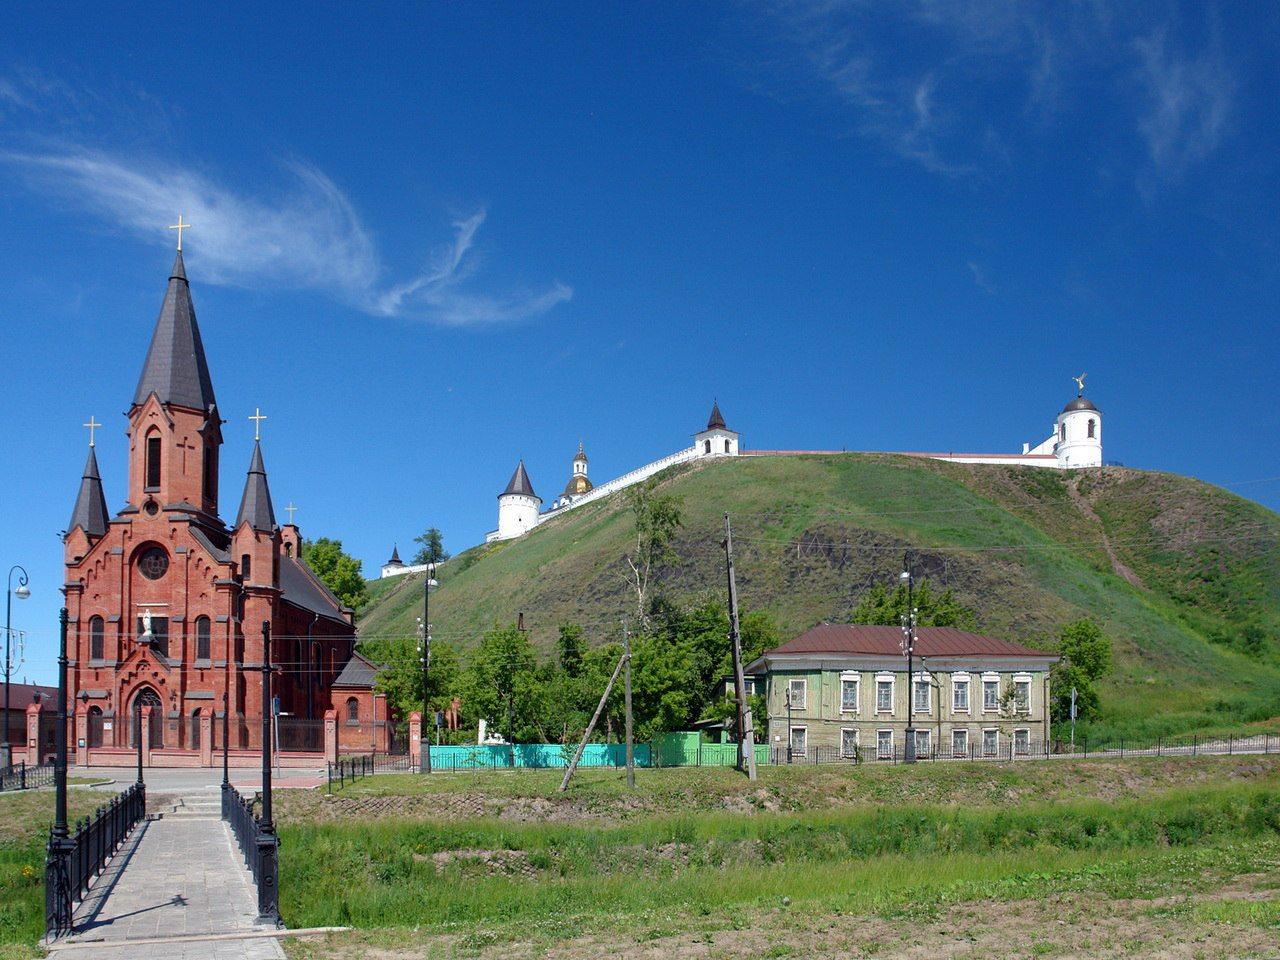 Польский костел, Тобольский кремль, Тобольск, Тюменская область